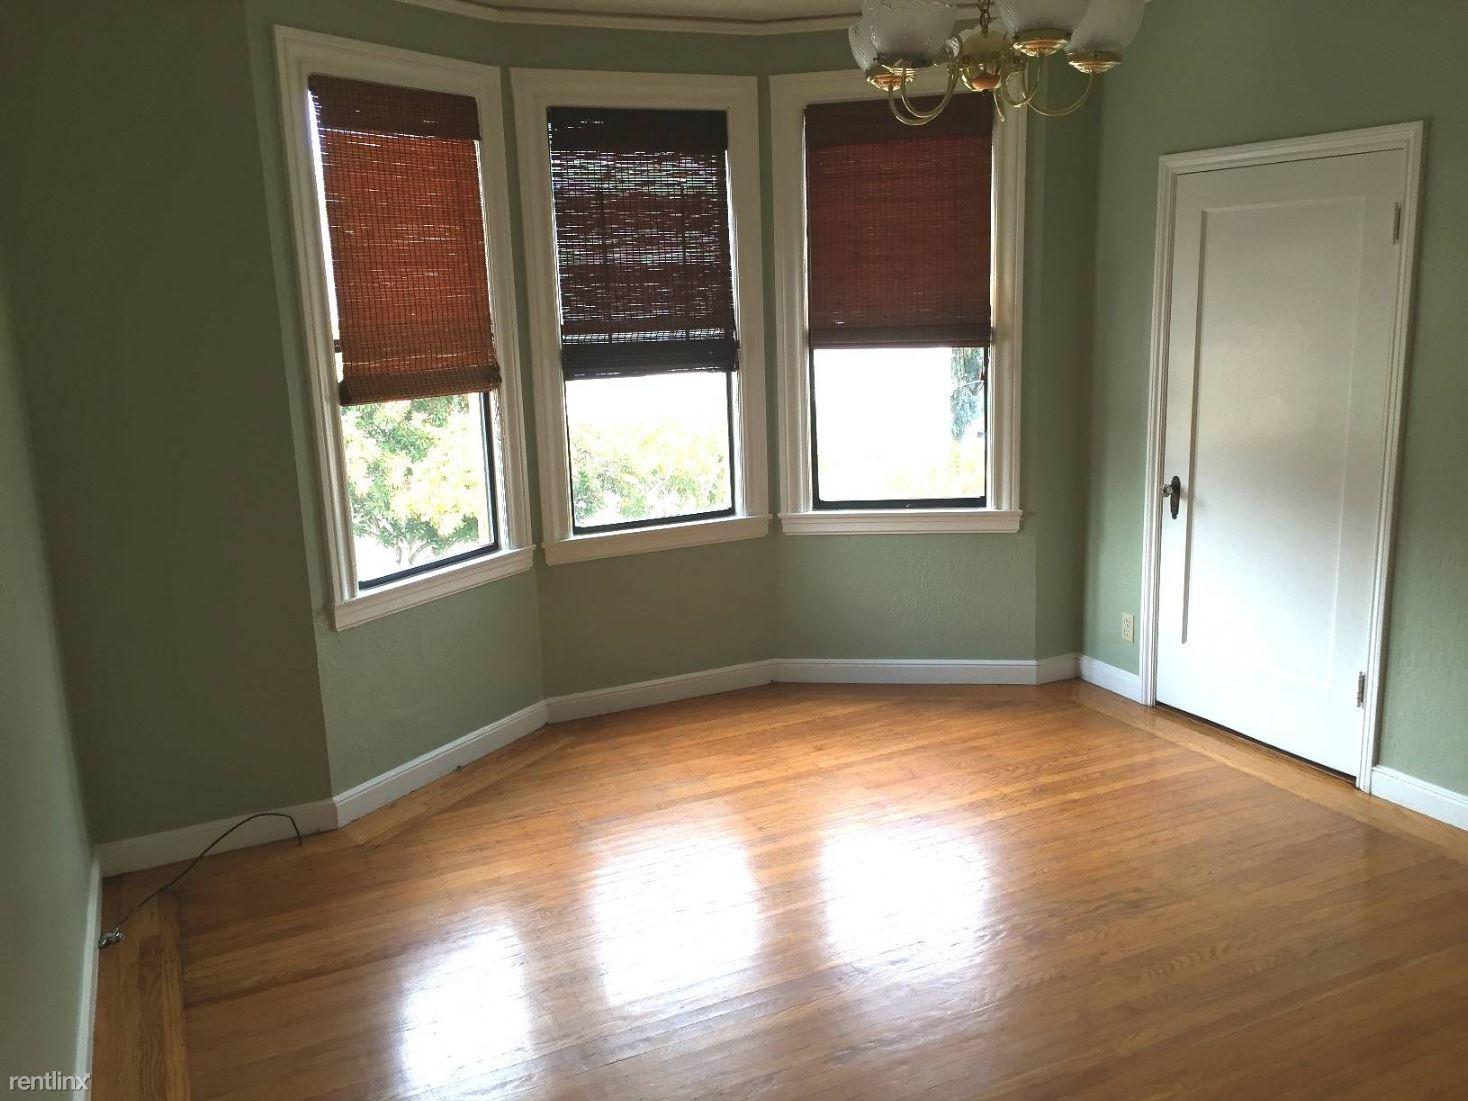 305 Duncan St, SF, CA - $2,650